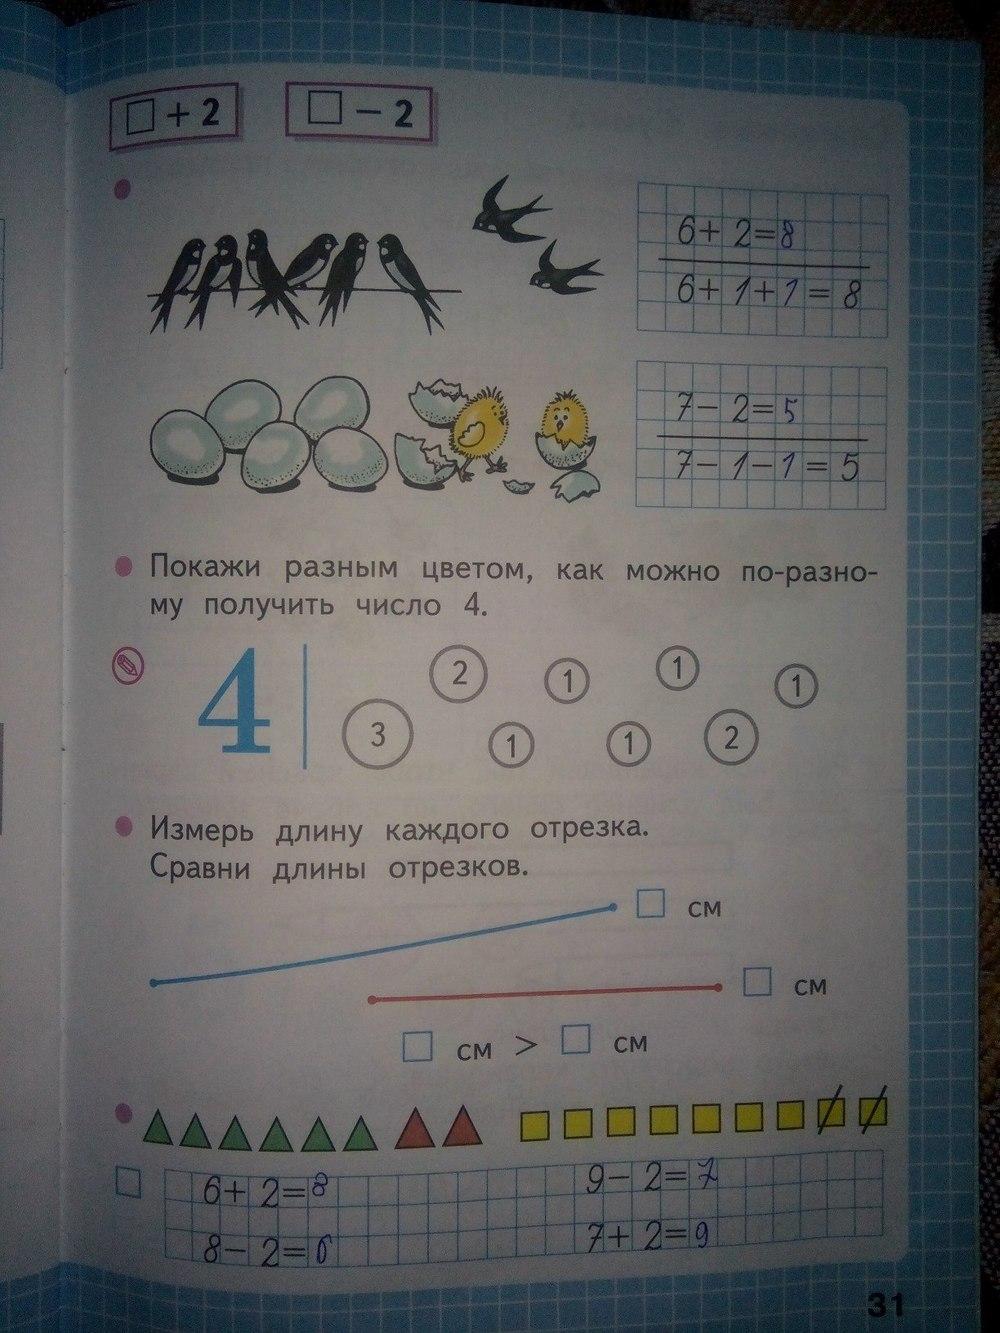 ГДЗ по математике класс Моро Волкова рабочая тетрадь часть  ГДЗ по математике 1 класс Моро Волкова рабочая тетрадь часть 1 2 решебник